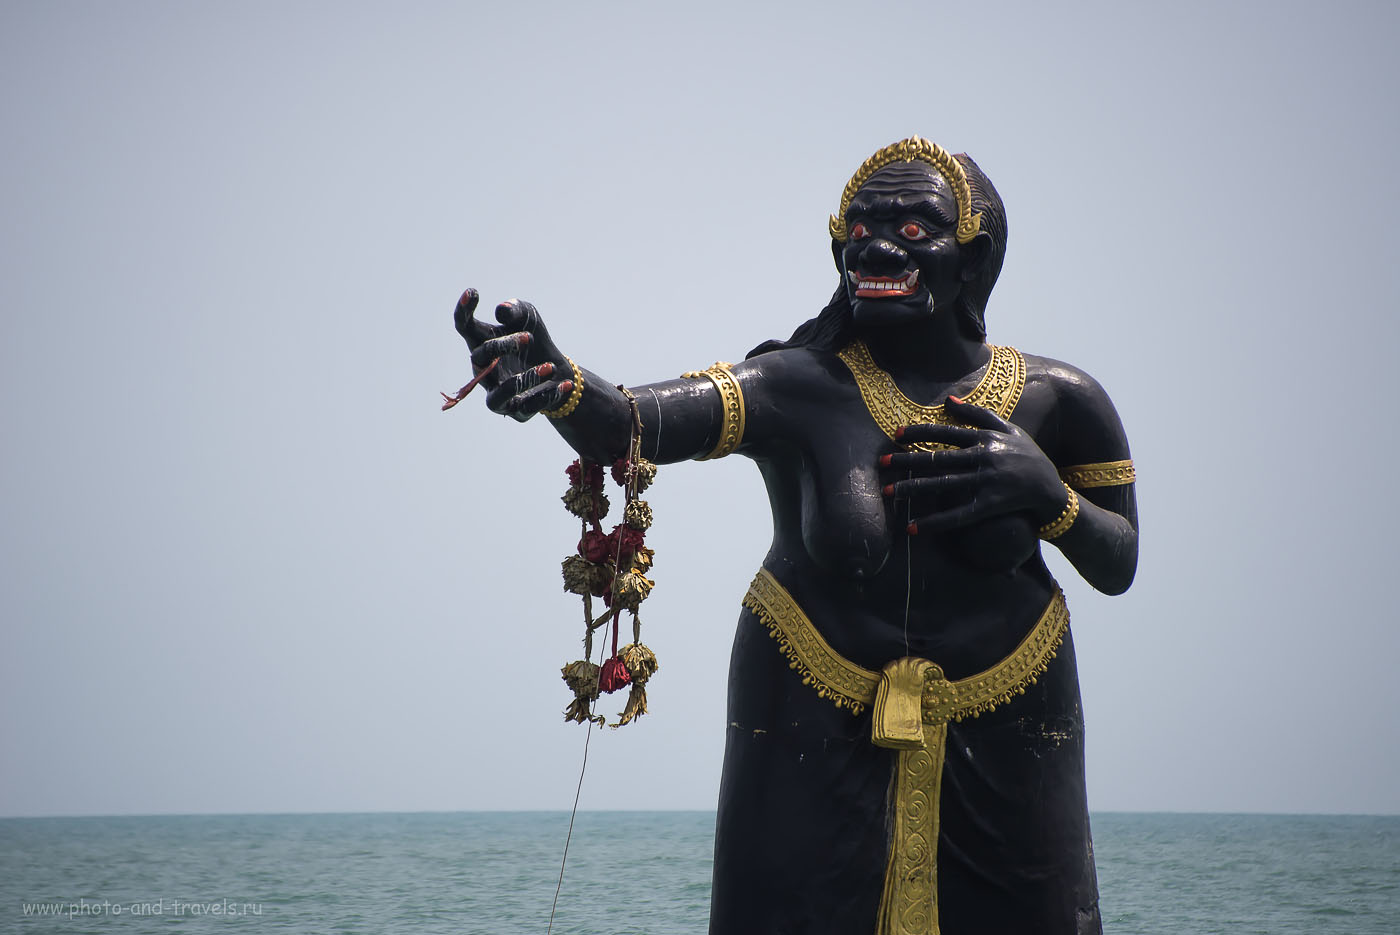 Фото 13. Вот она - Чёрная Бабища по имени Nang Phisua Samut, что означает Морская Бабочка. Интересные места недалеко от города Хуахин в Таиланде.